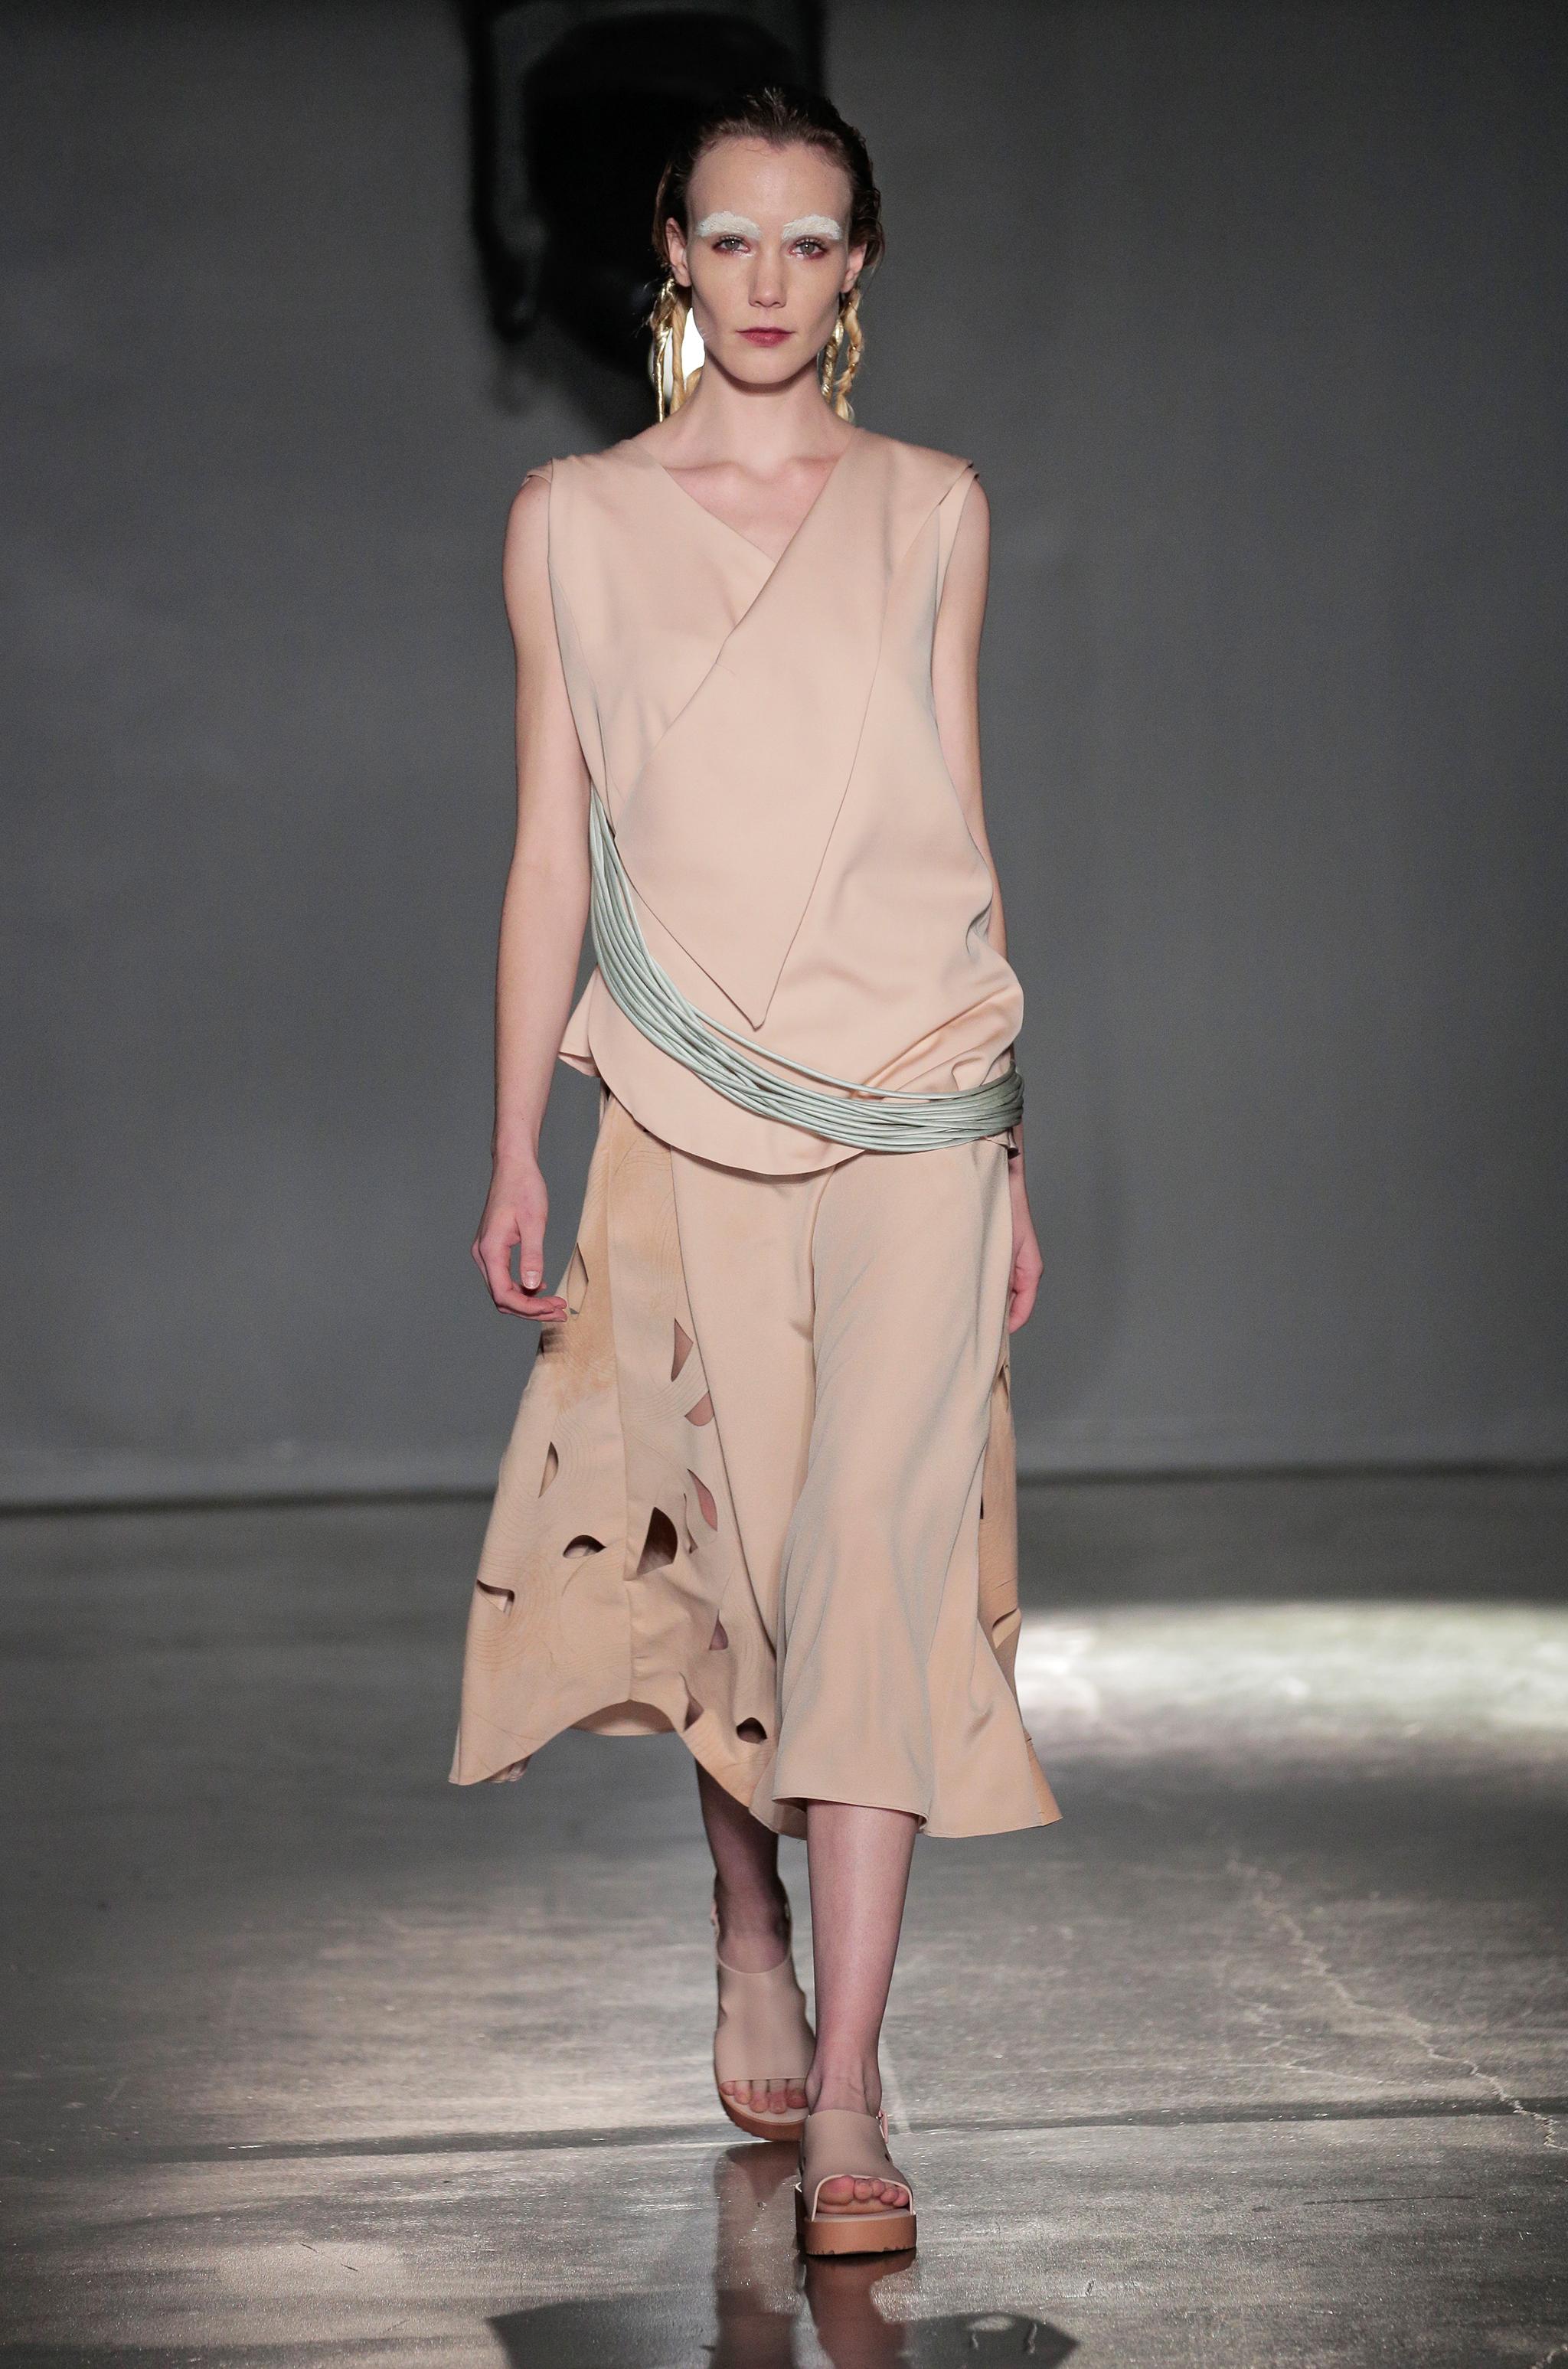 AAU-Grad-Show-Sophie-Cheng-61